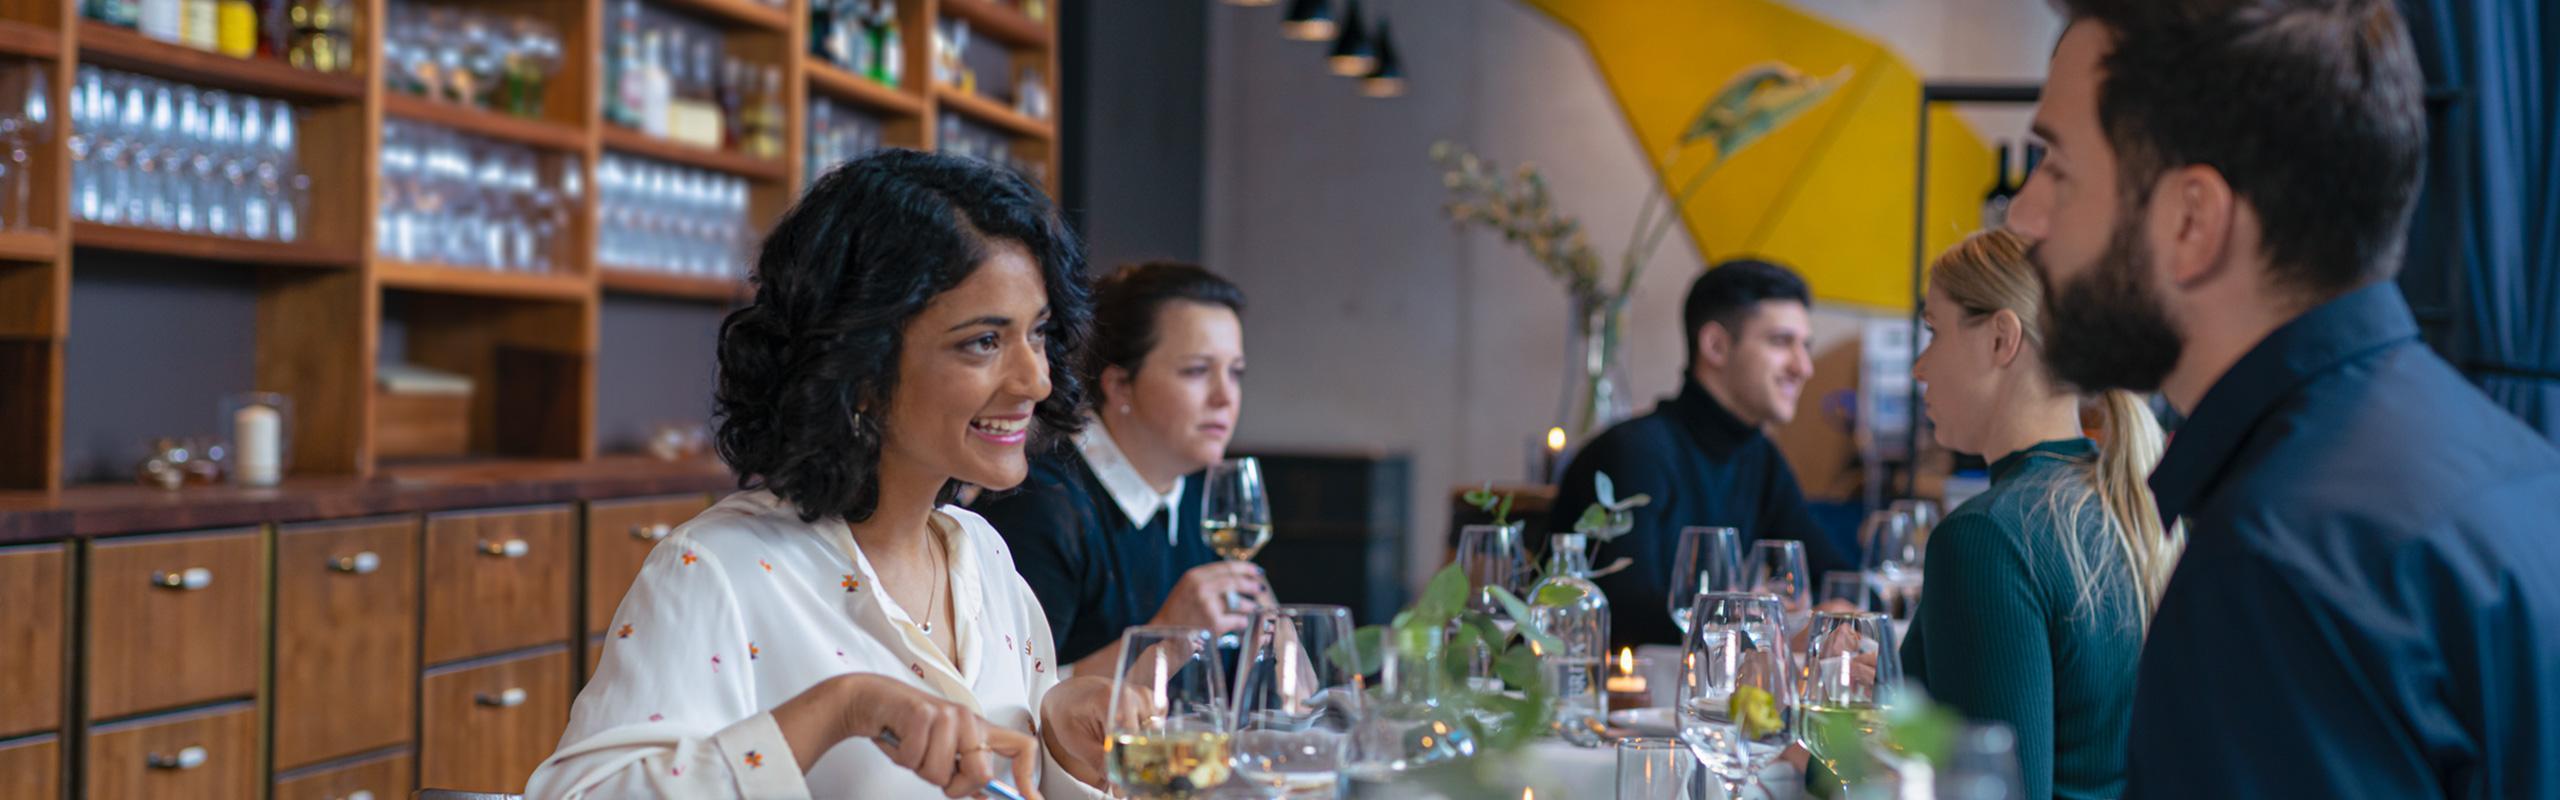 BRITA gehobene Küche Sushi